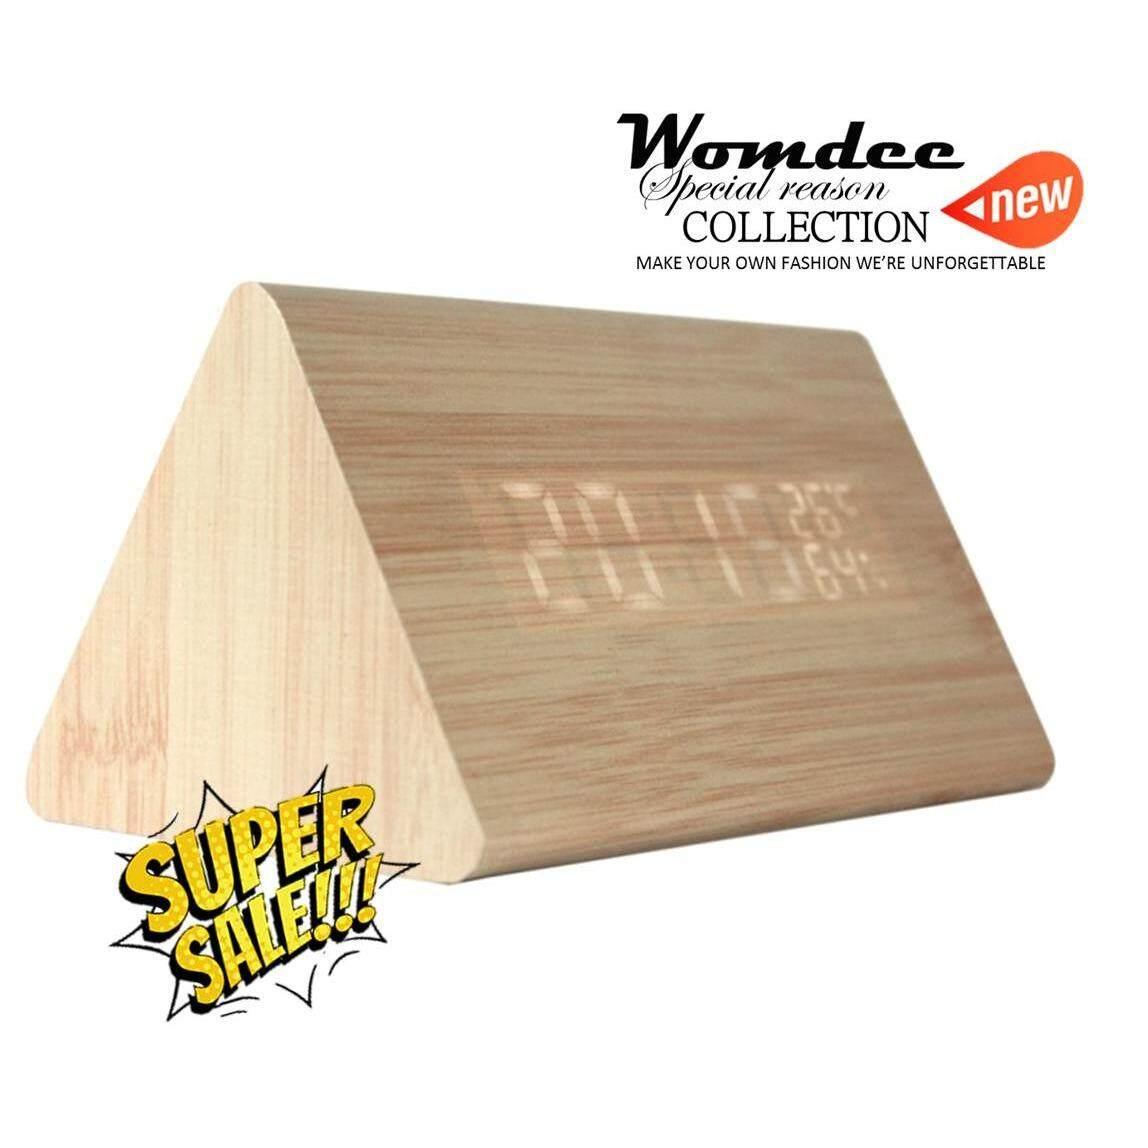 ราคา Womdee Wooden Triangle Wood Grain Sound Activated Led Digital Alarm Clock With Temperature And Humidity Display Bamboo Intl ใหม่